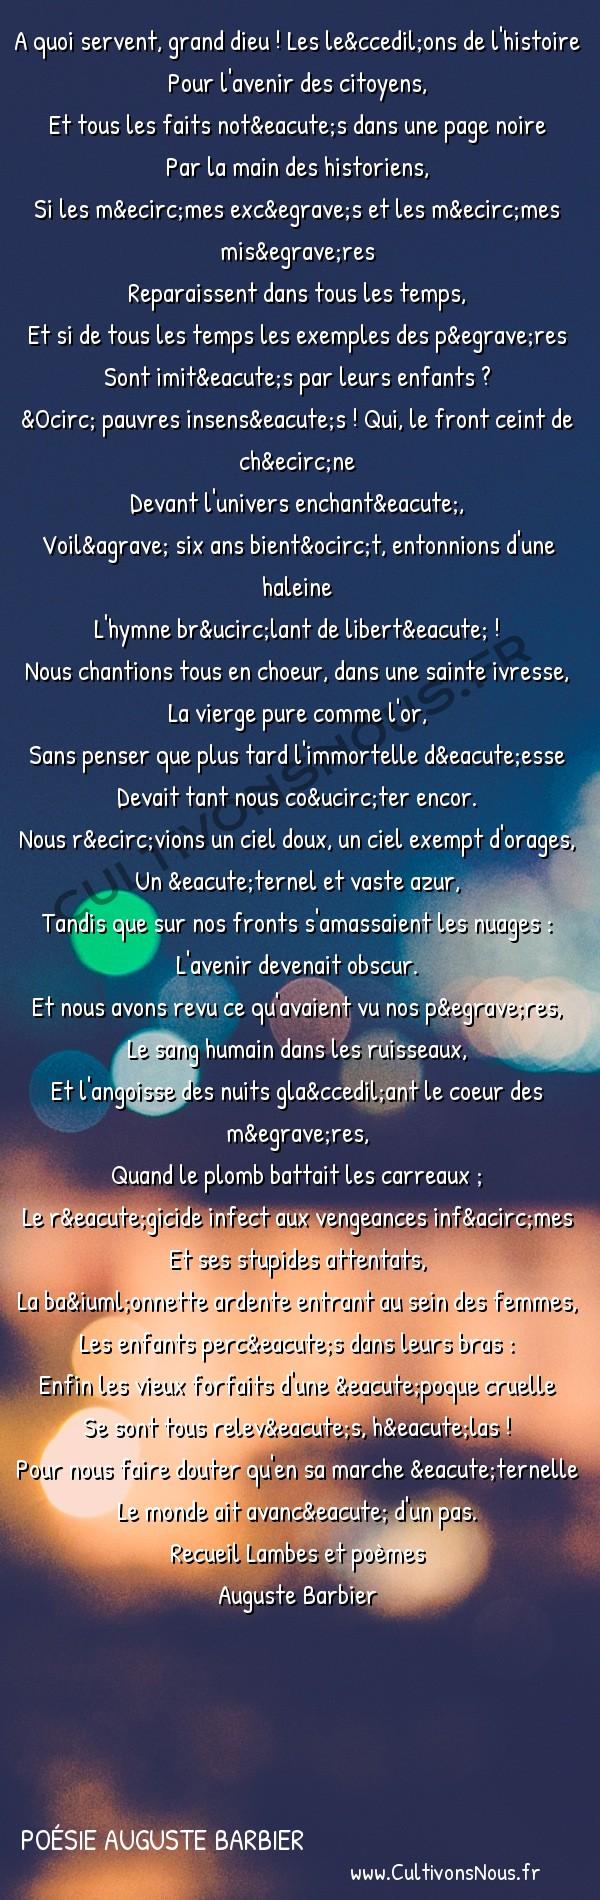 Poésie Auguste Barbier - Lambes et poèmes - Le Progrès -   A quoi servent, grand dieu ! Les leçons de l'histoire